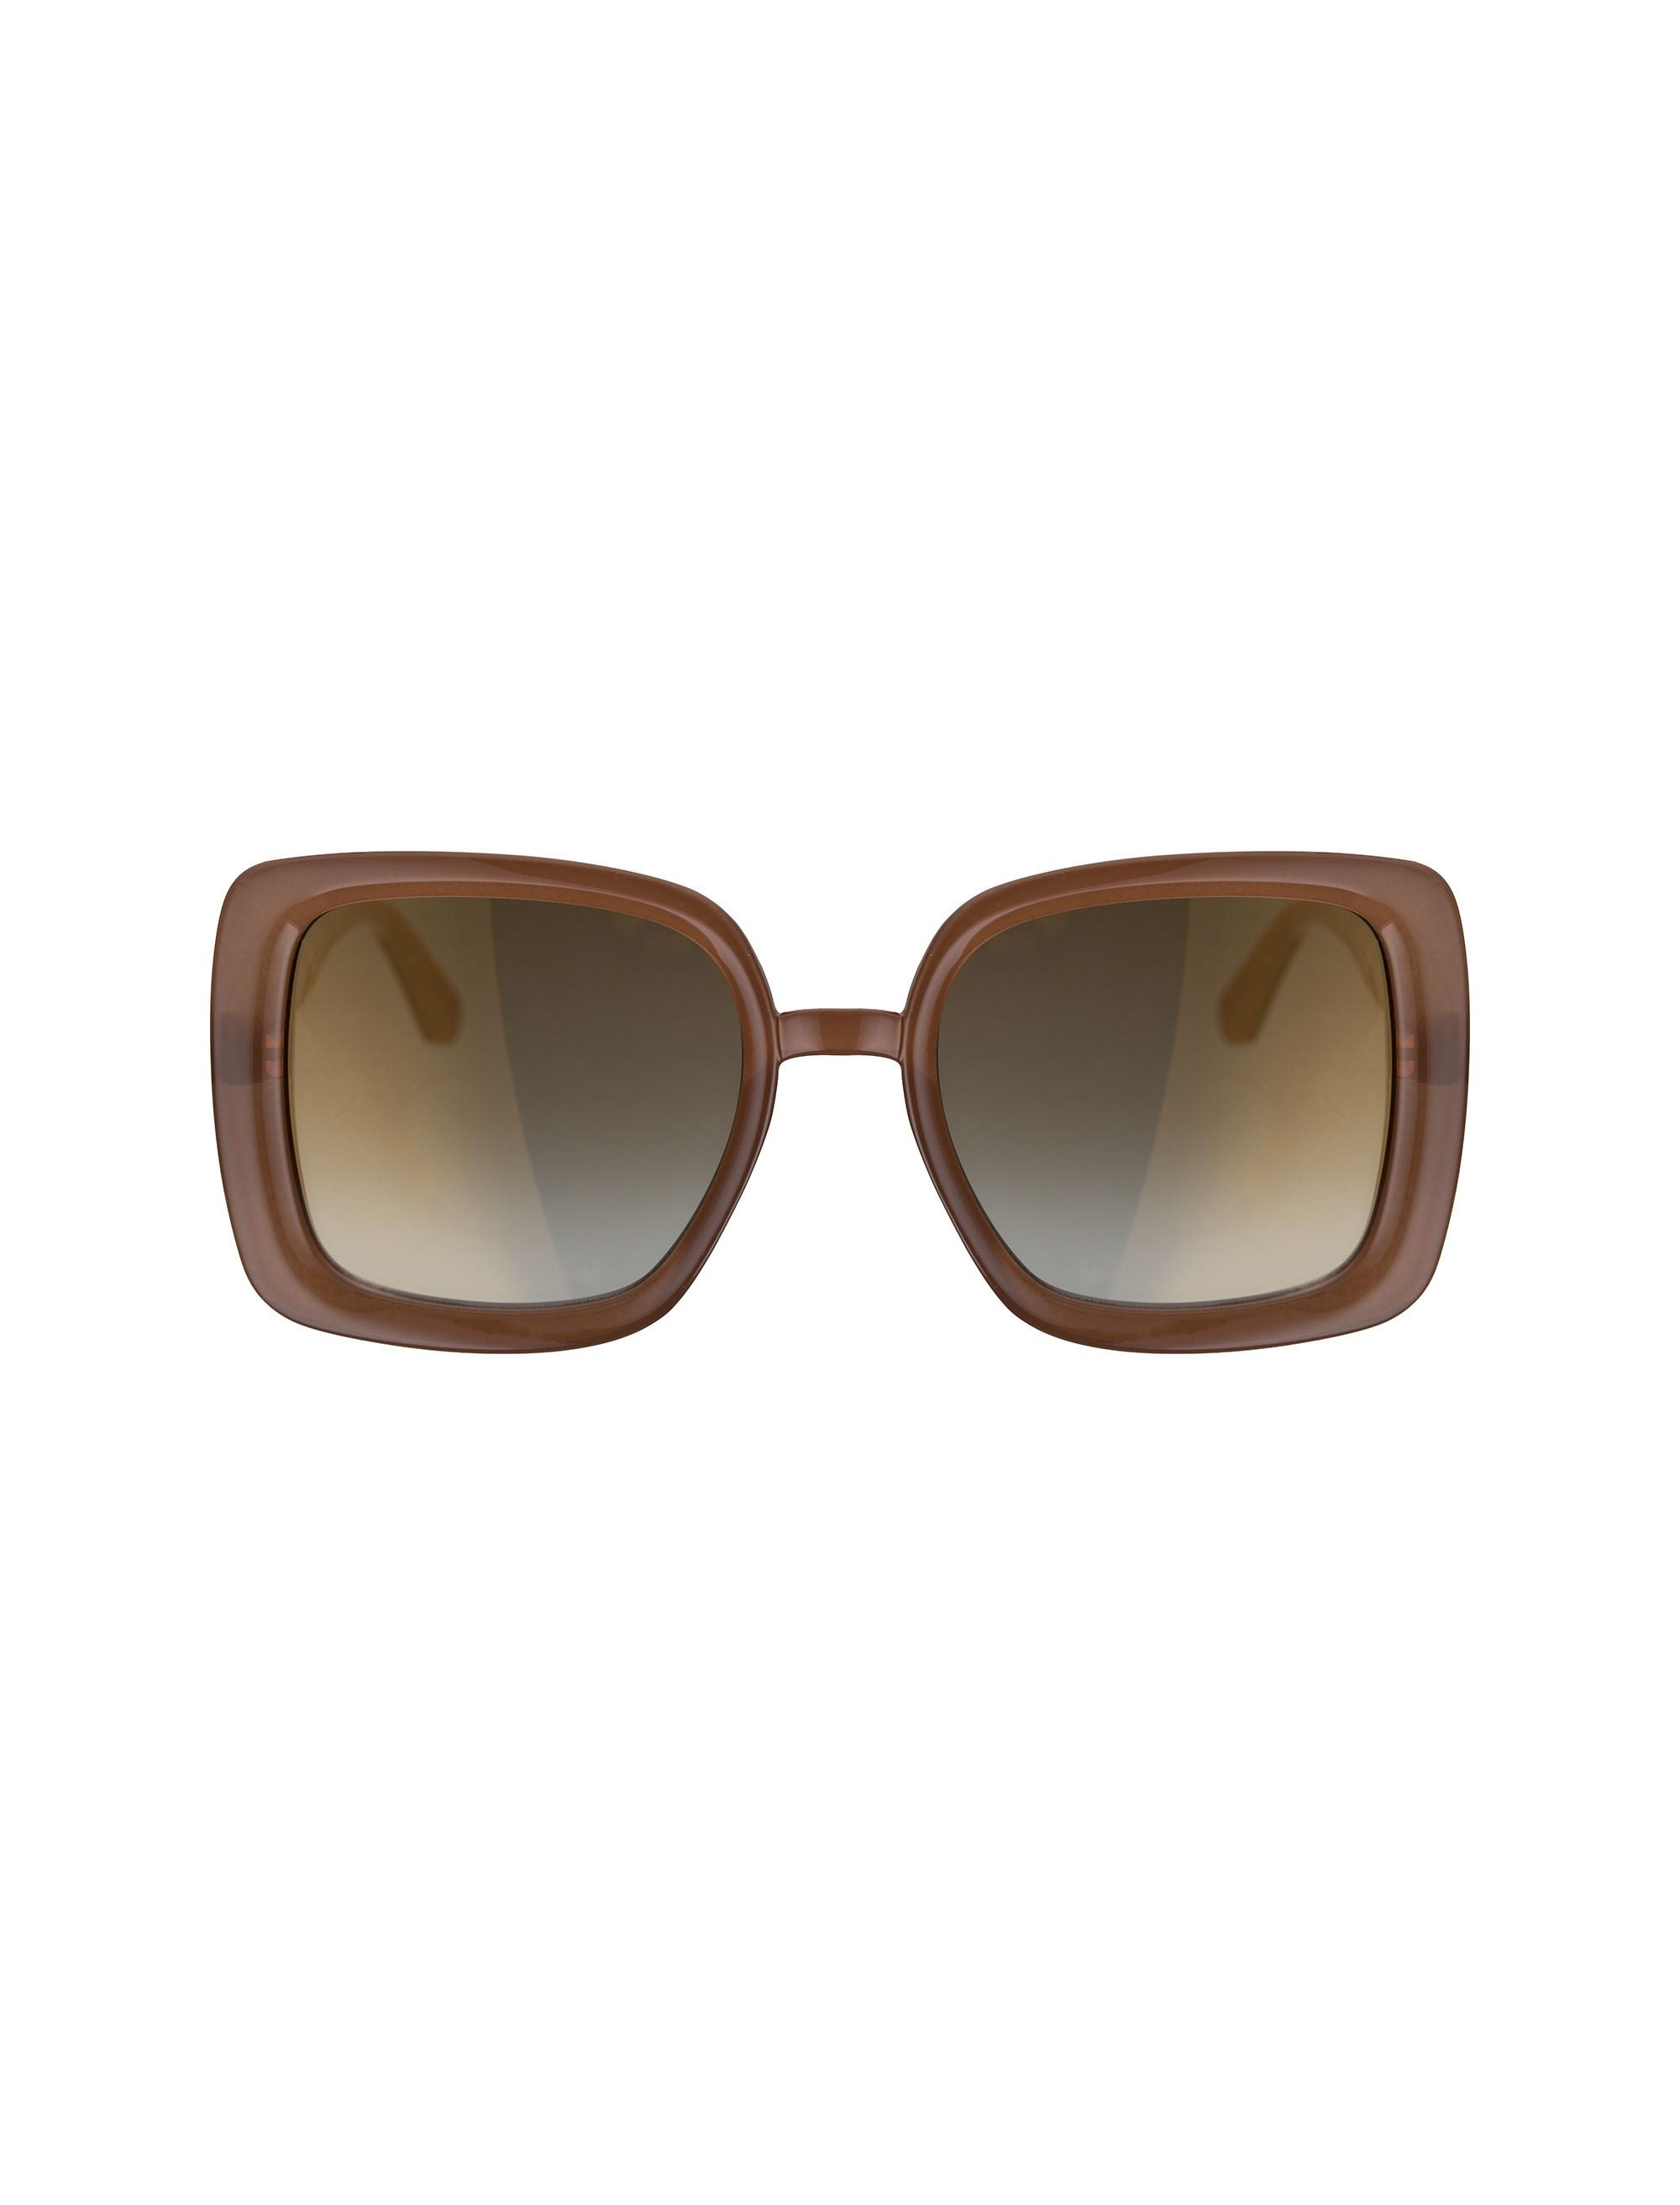 عینک آفتابی مربع بزرگسال - جیمی چو